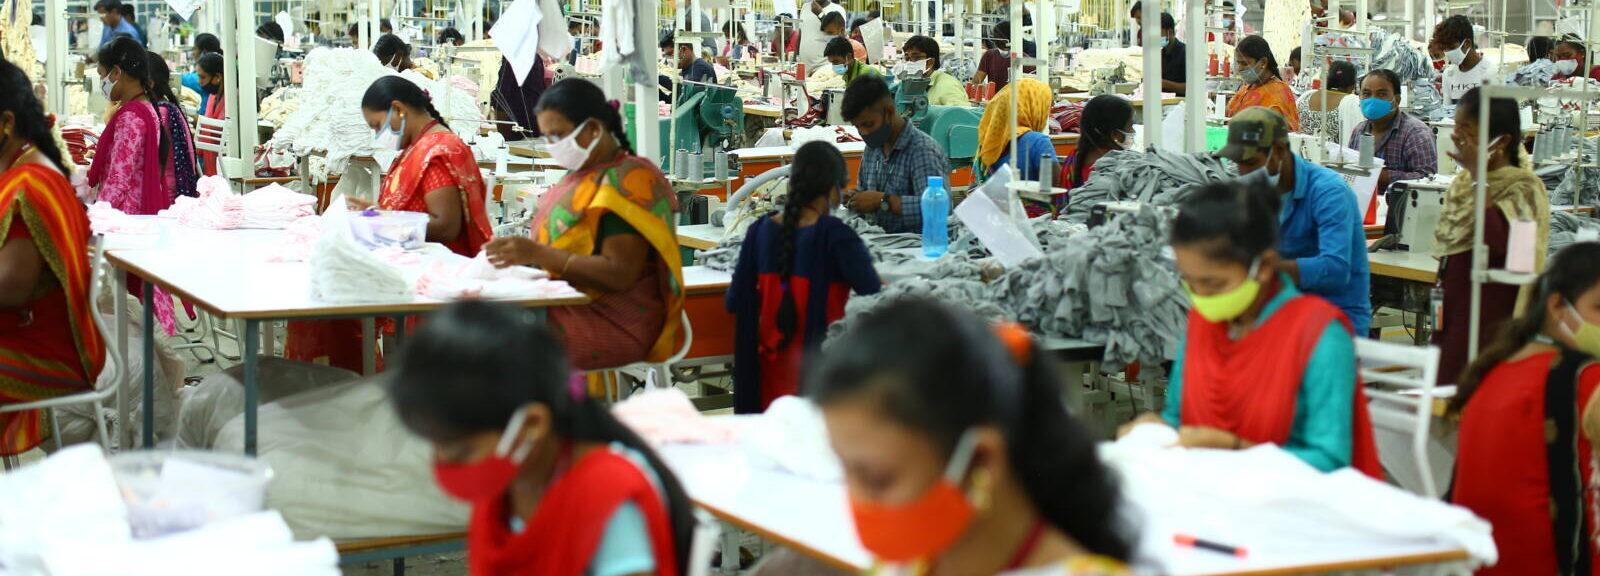 Indische Näherinnen bie der Arbeit in der Textilfabrik von SAGS Apparel